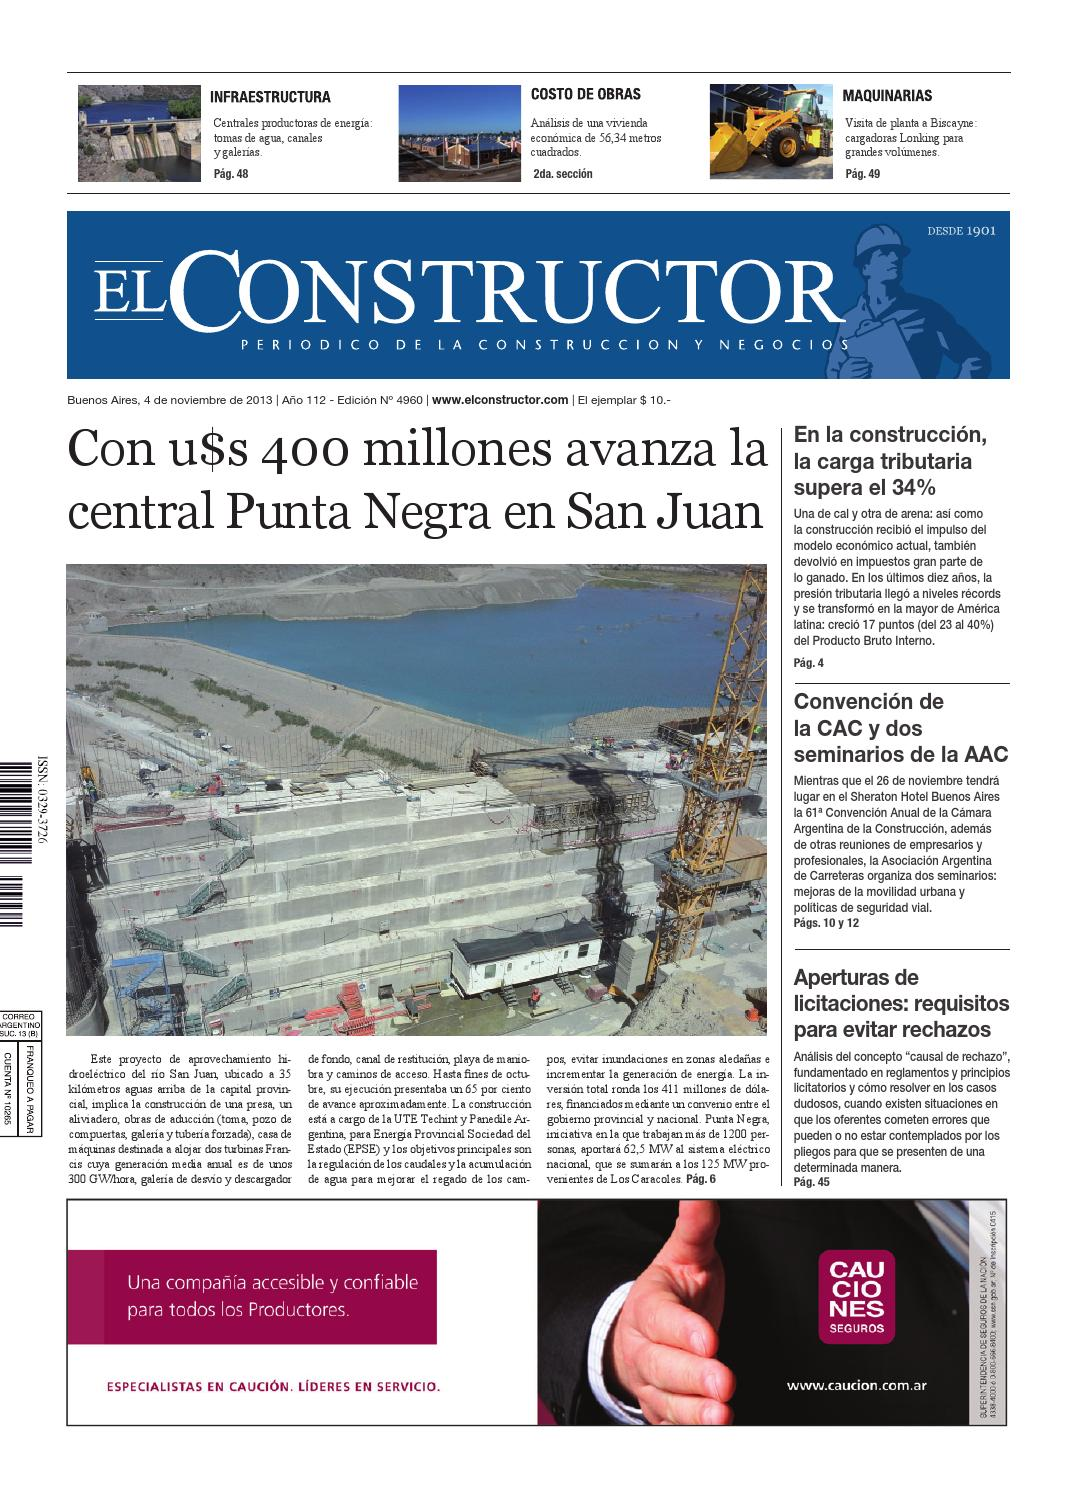 El Constructor 04/11/2013 - Nº 4960 - Año 112 by ELCO Editores - issuu